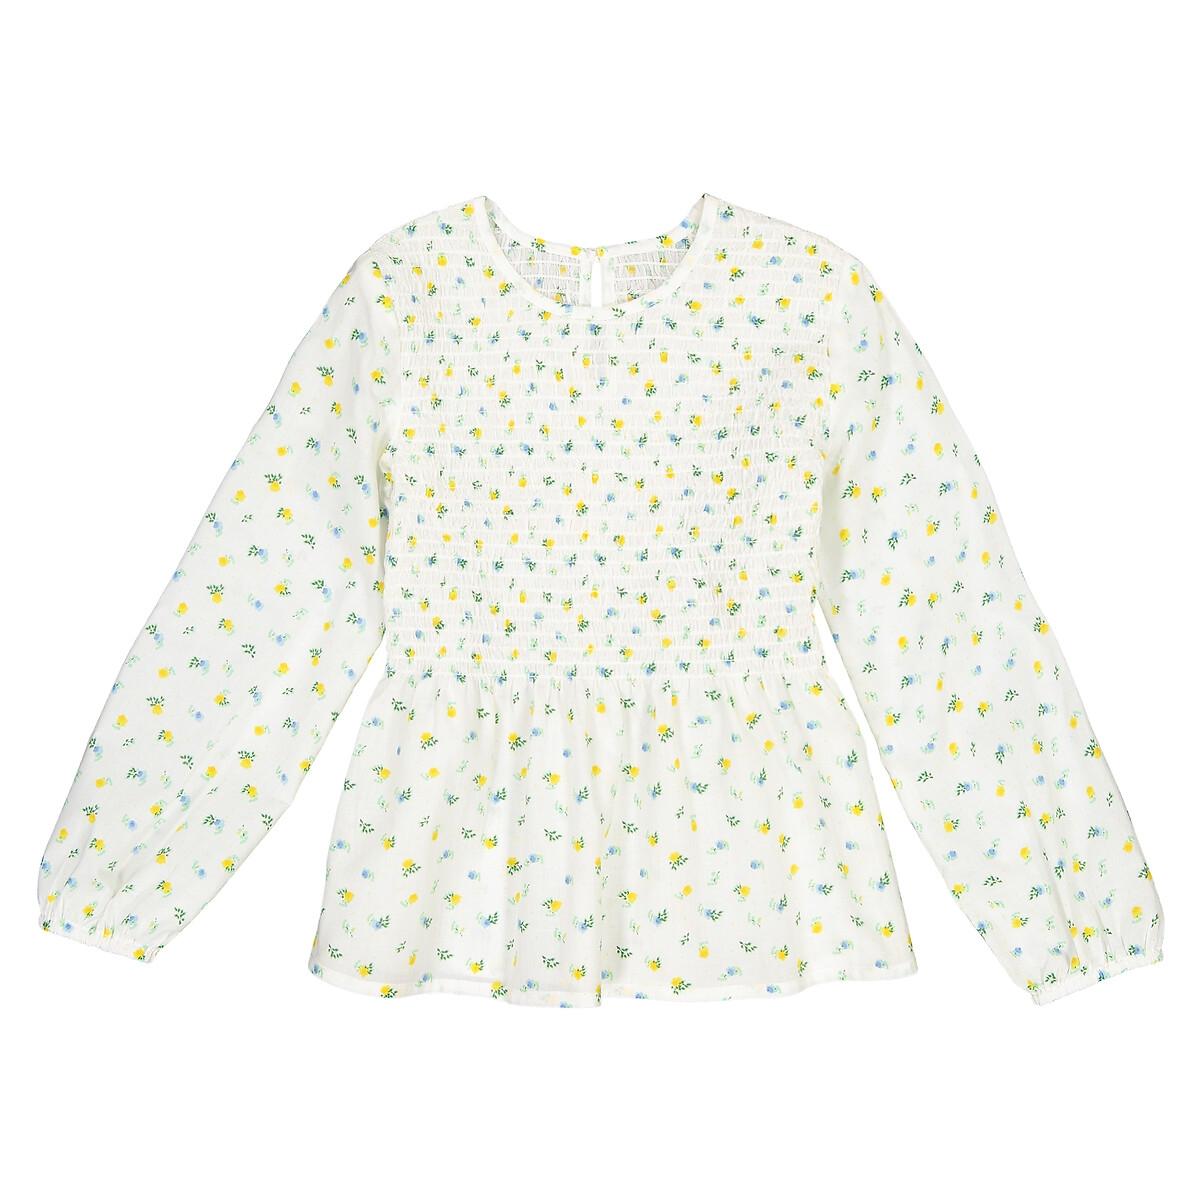 Блузка La Redoute С длинными рукавами с цветочным принтом 10 лет - 138 см другие пижама la redoute с шортами и цветочным принтом 12 лет 150 см другие